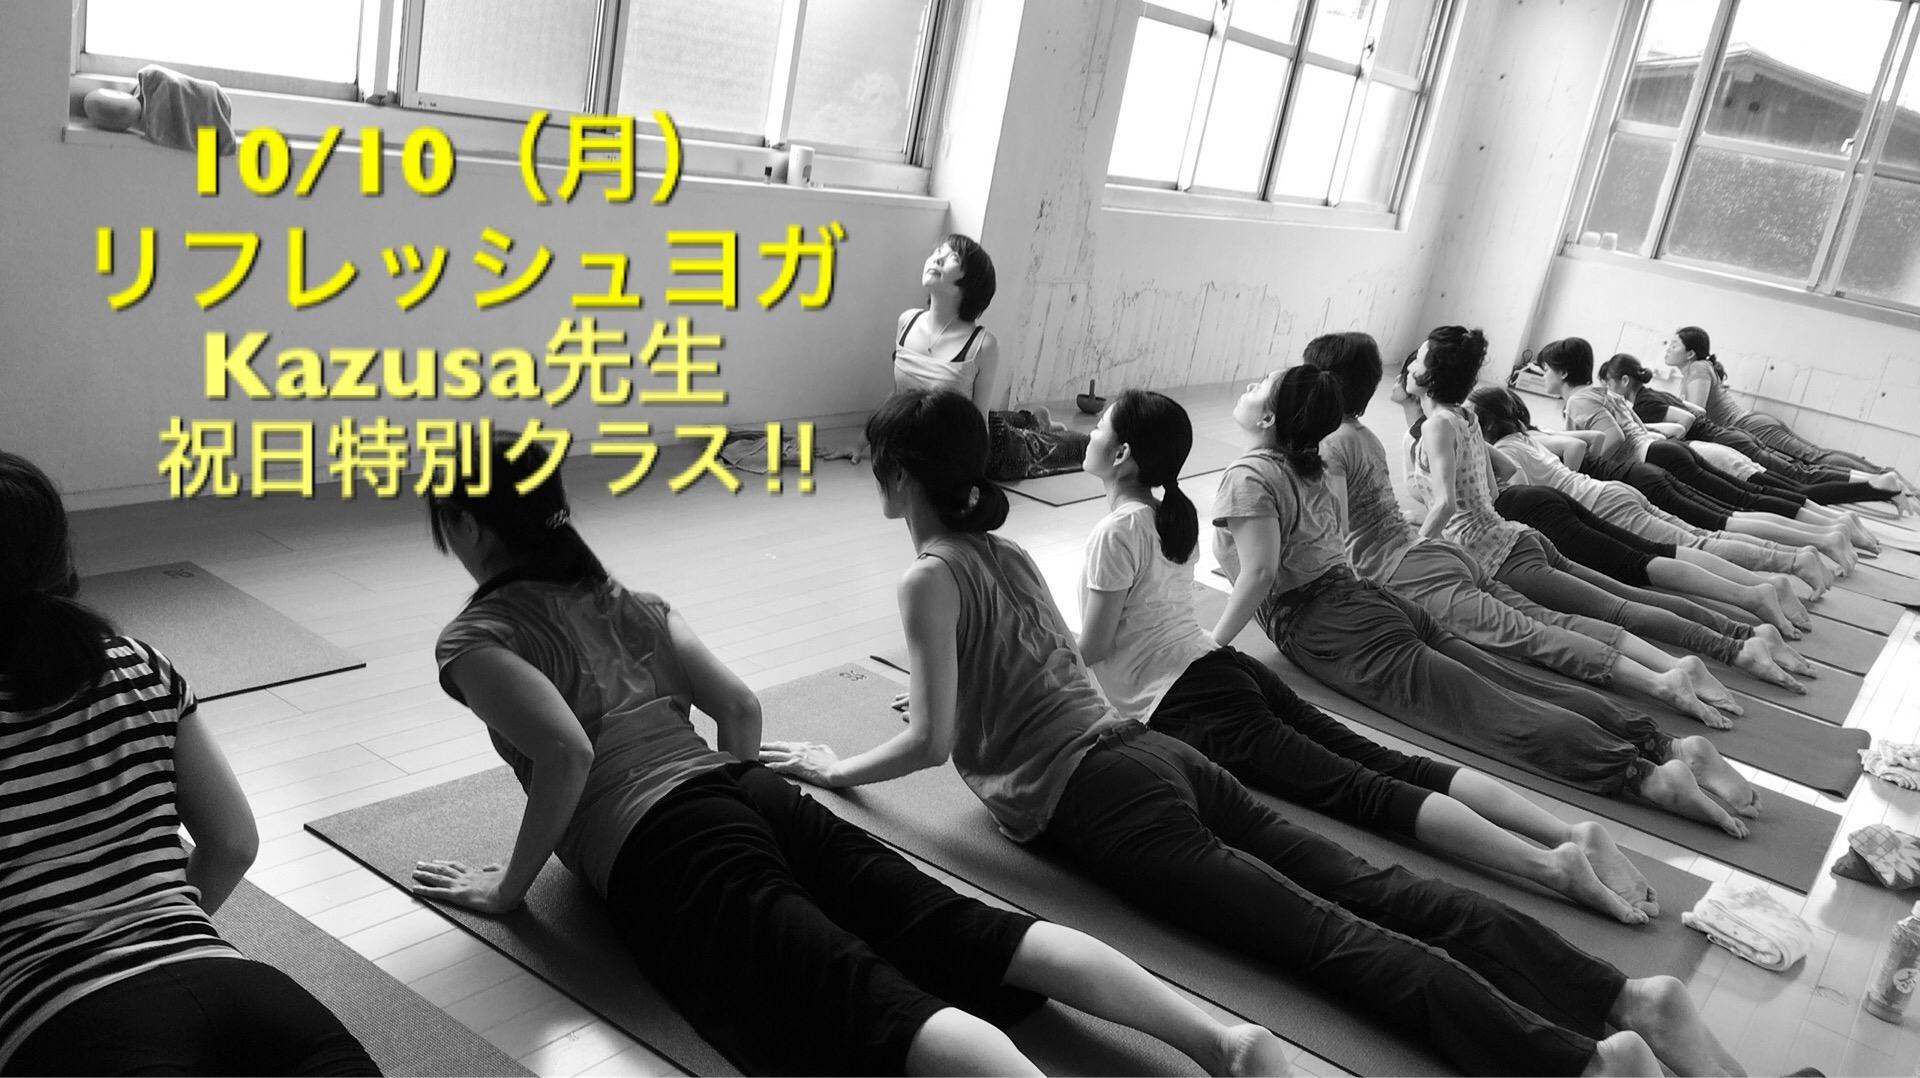 ☆10/10祝日特別クラス☆